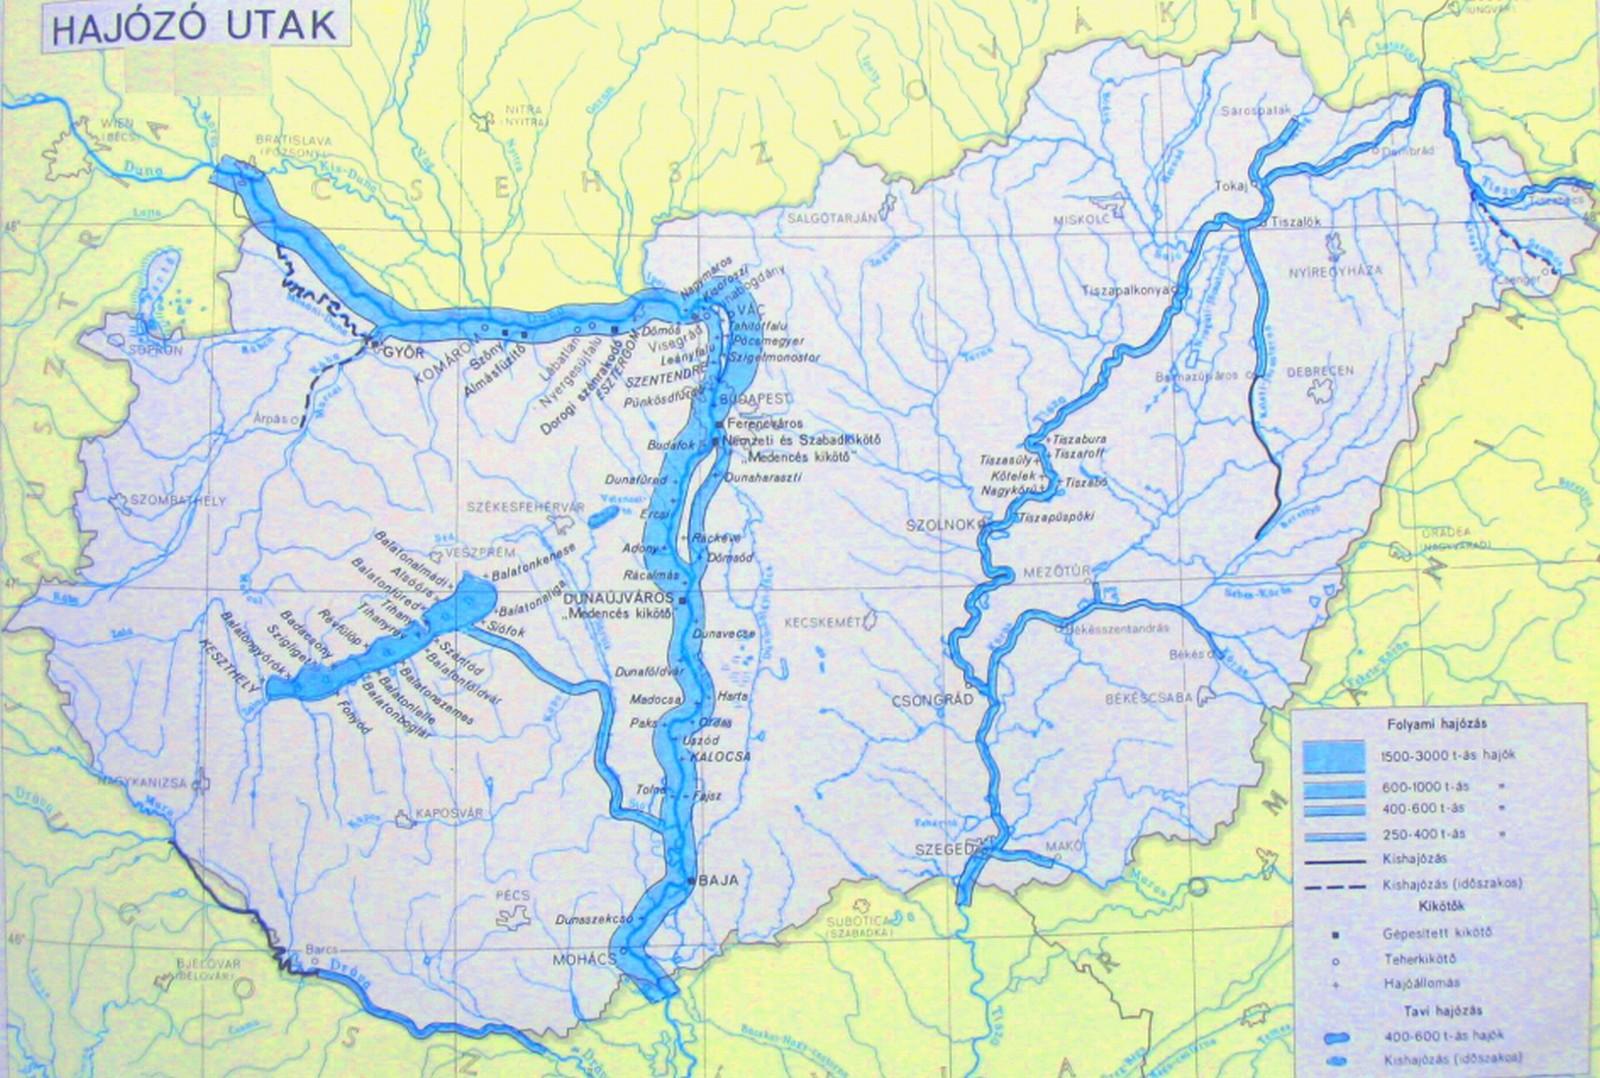 magyarország folyóvizei térkép Közlekedési földrajz | SuliTudásbázis magyarország folyóvizei térkép